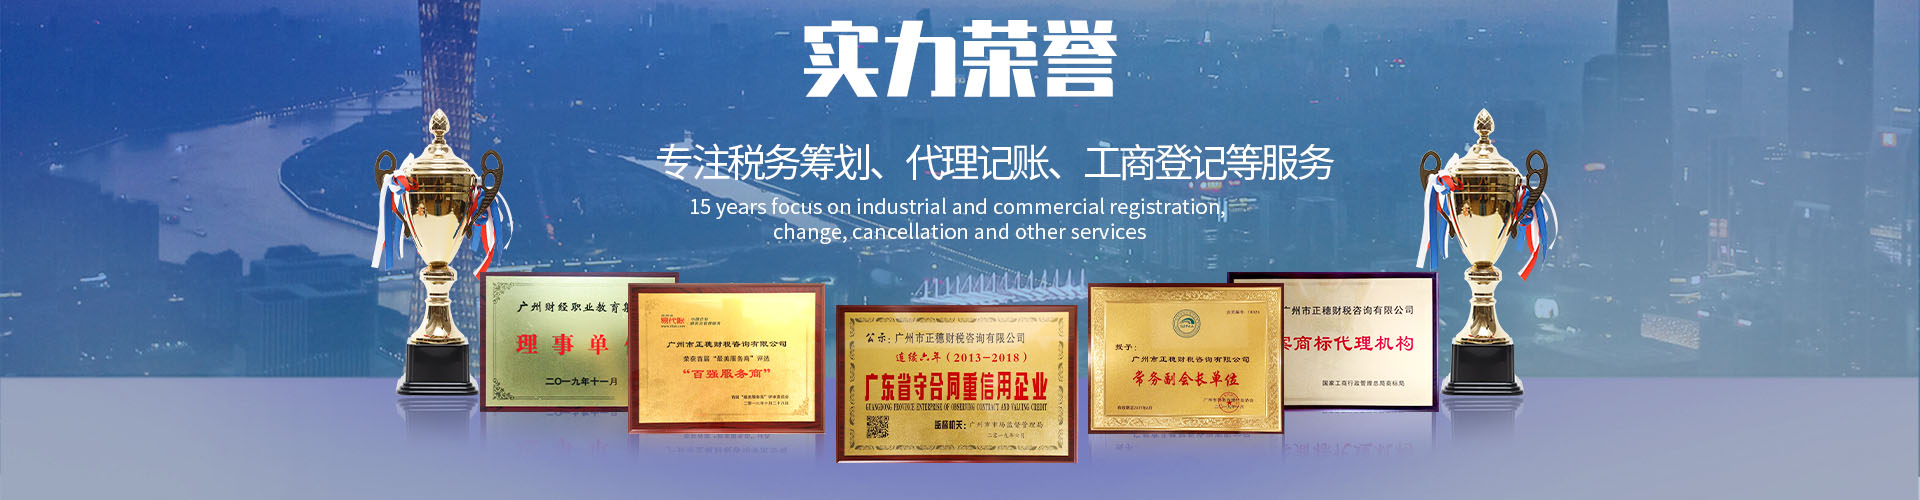 广州会计服务